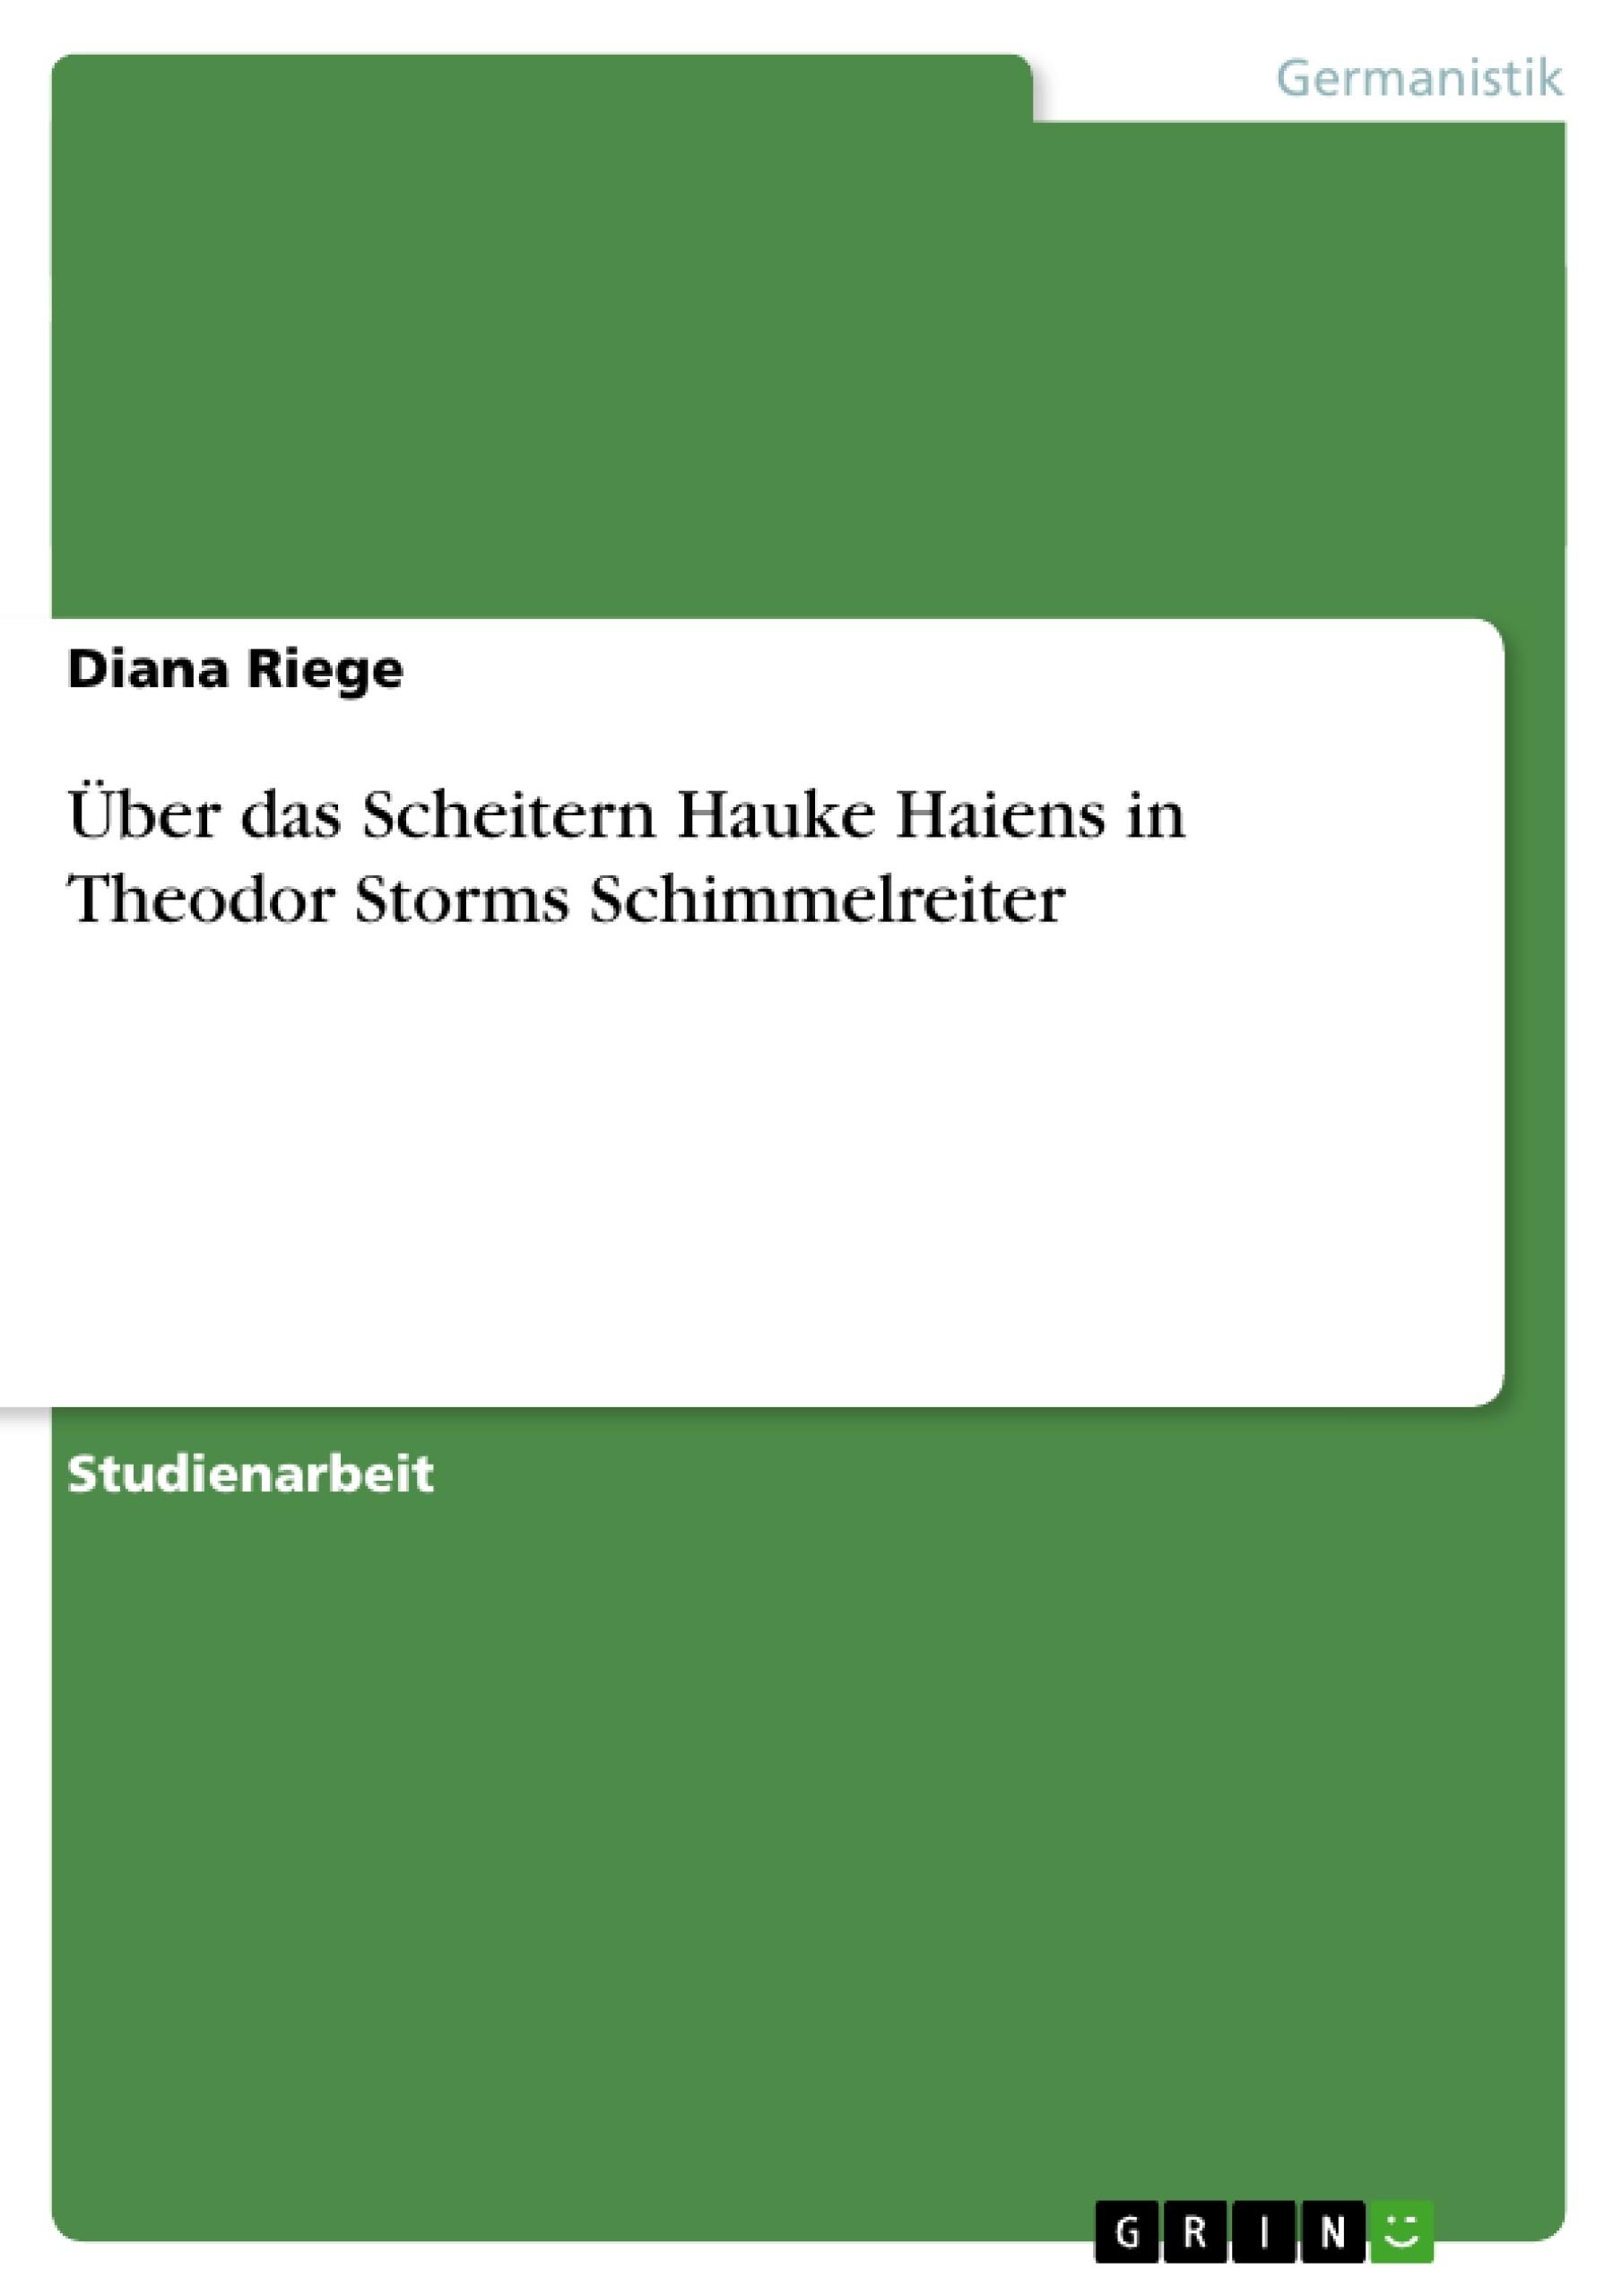 Titel: Über das Scheitern Hauke Haiens in Theodor Storms Schimmelreiter